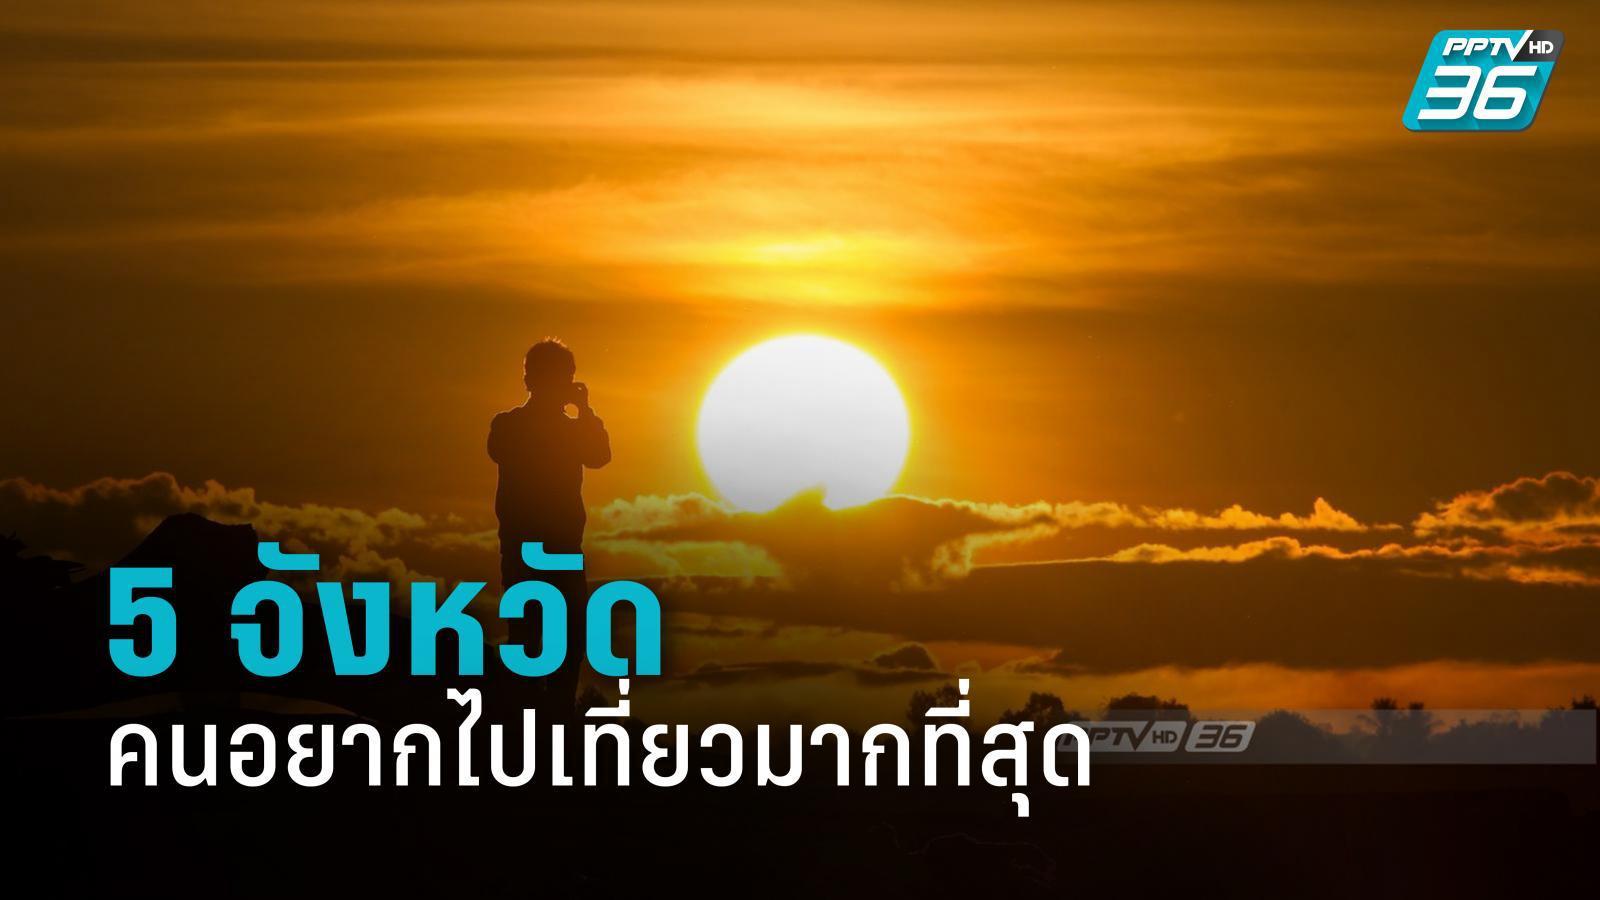 โพลชี้ คนไทยยังไม่อยากเปิดประเทศ เผย 5 จังหวัดอยากไปเที่ยวมากที่สุดหลังคลายล็อก